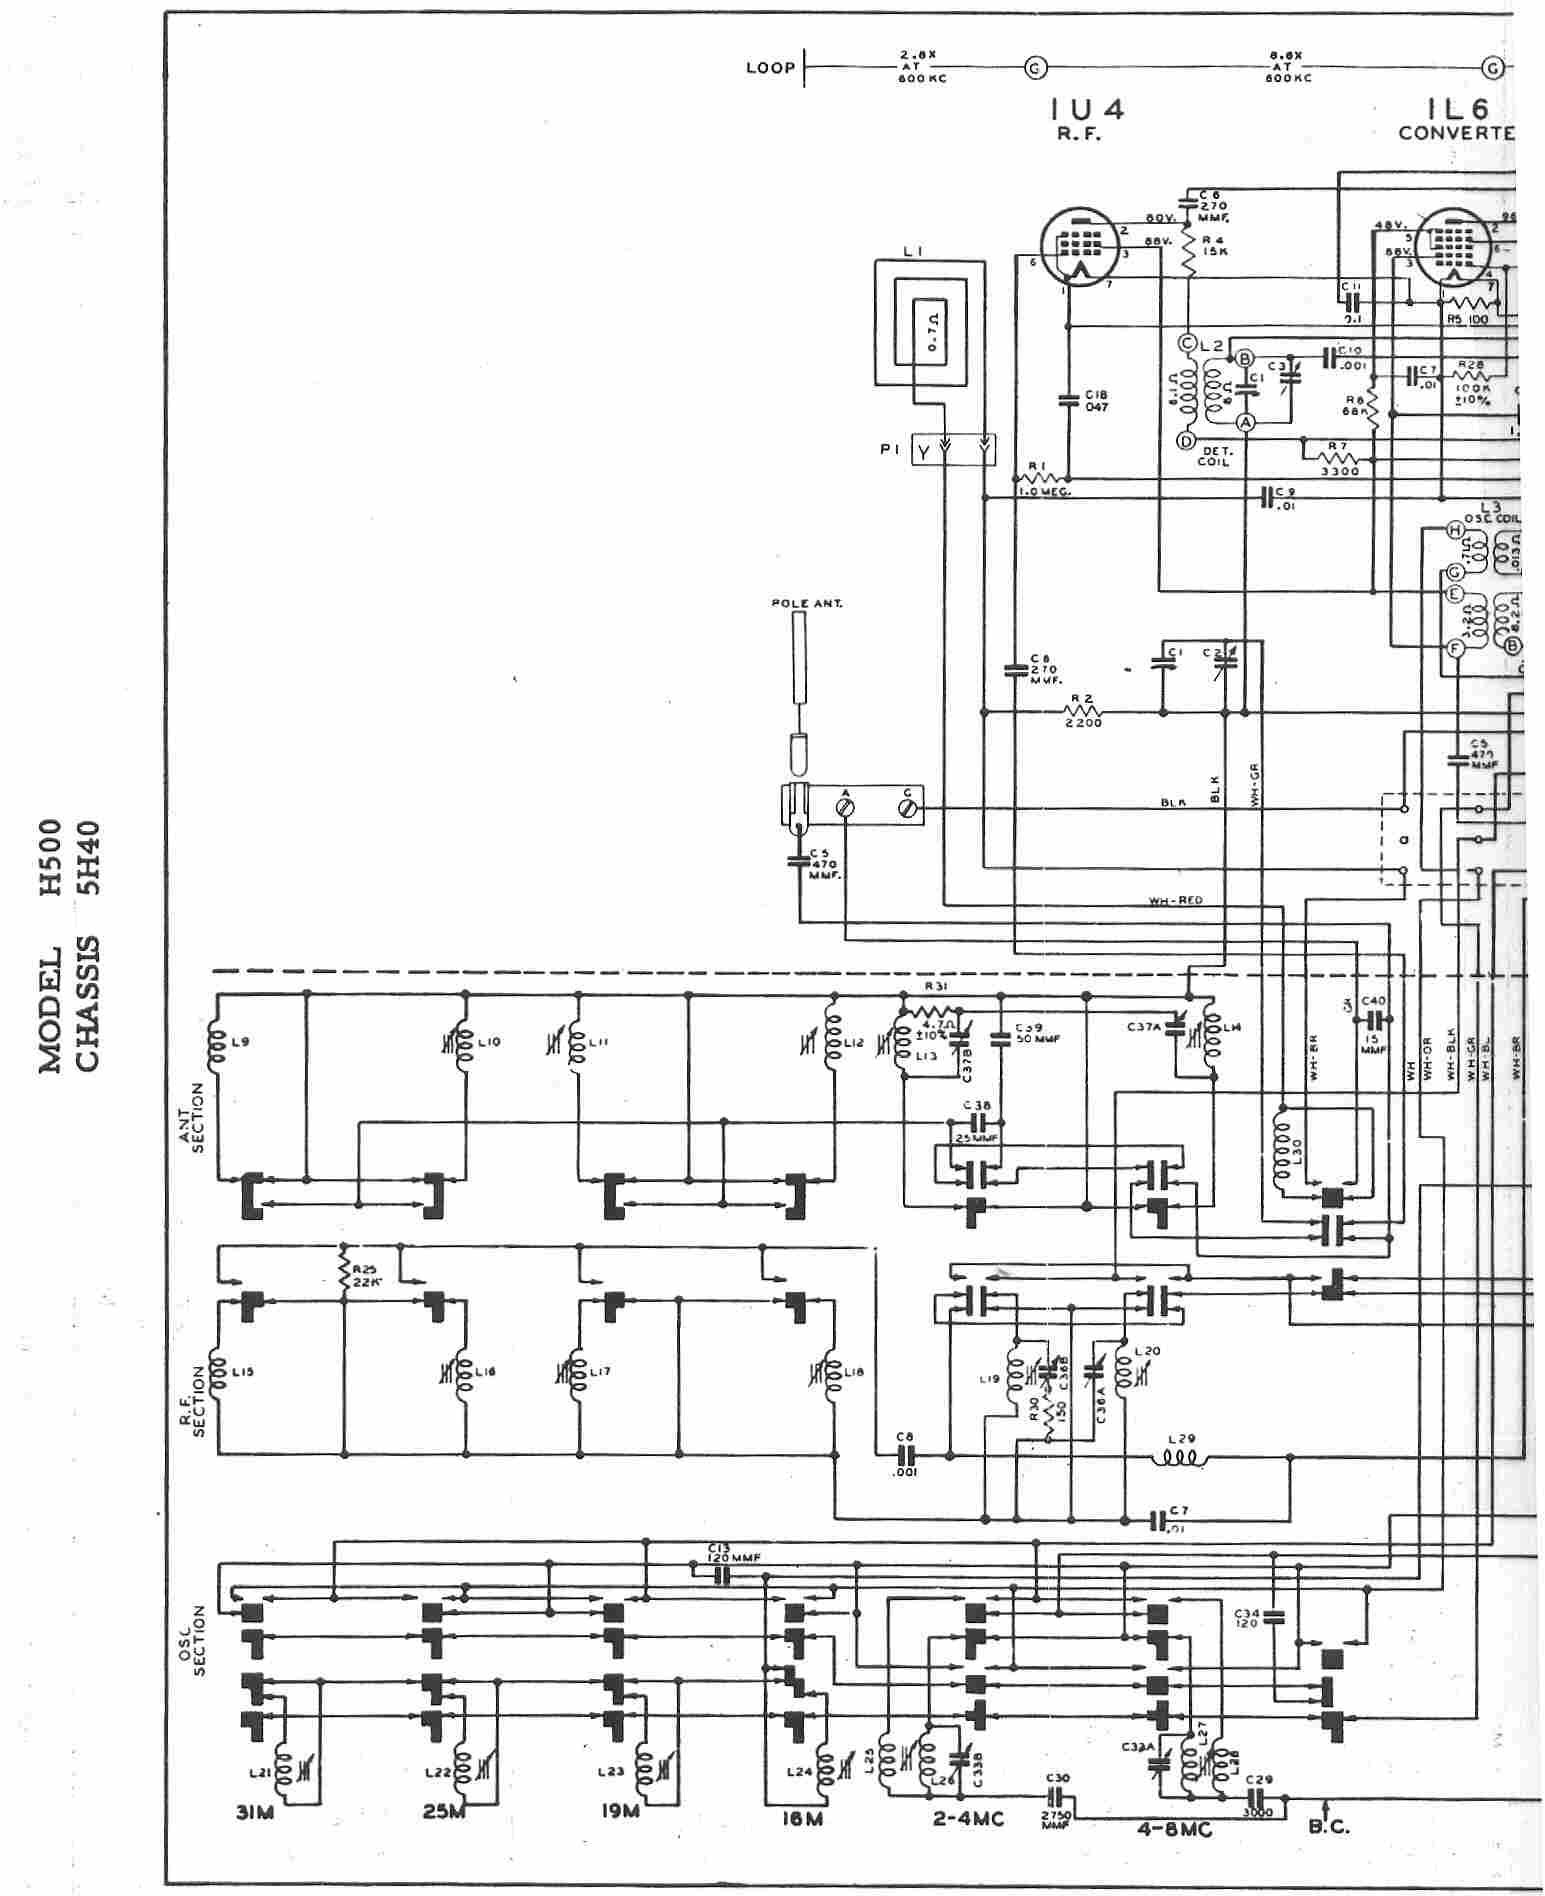 WB4IUY's Manuals & Schematics Page